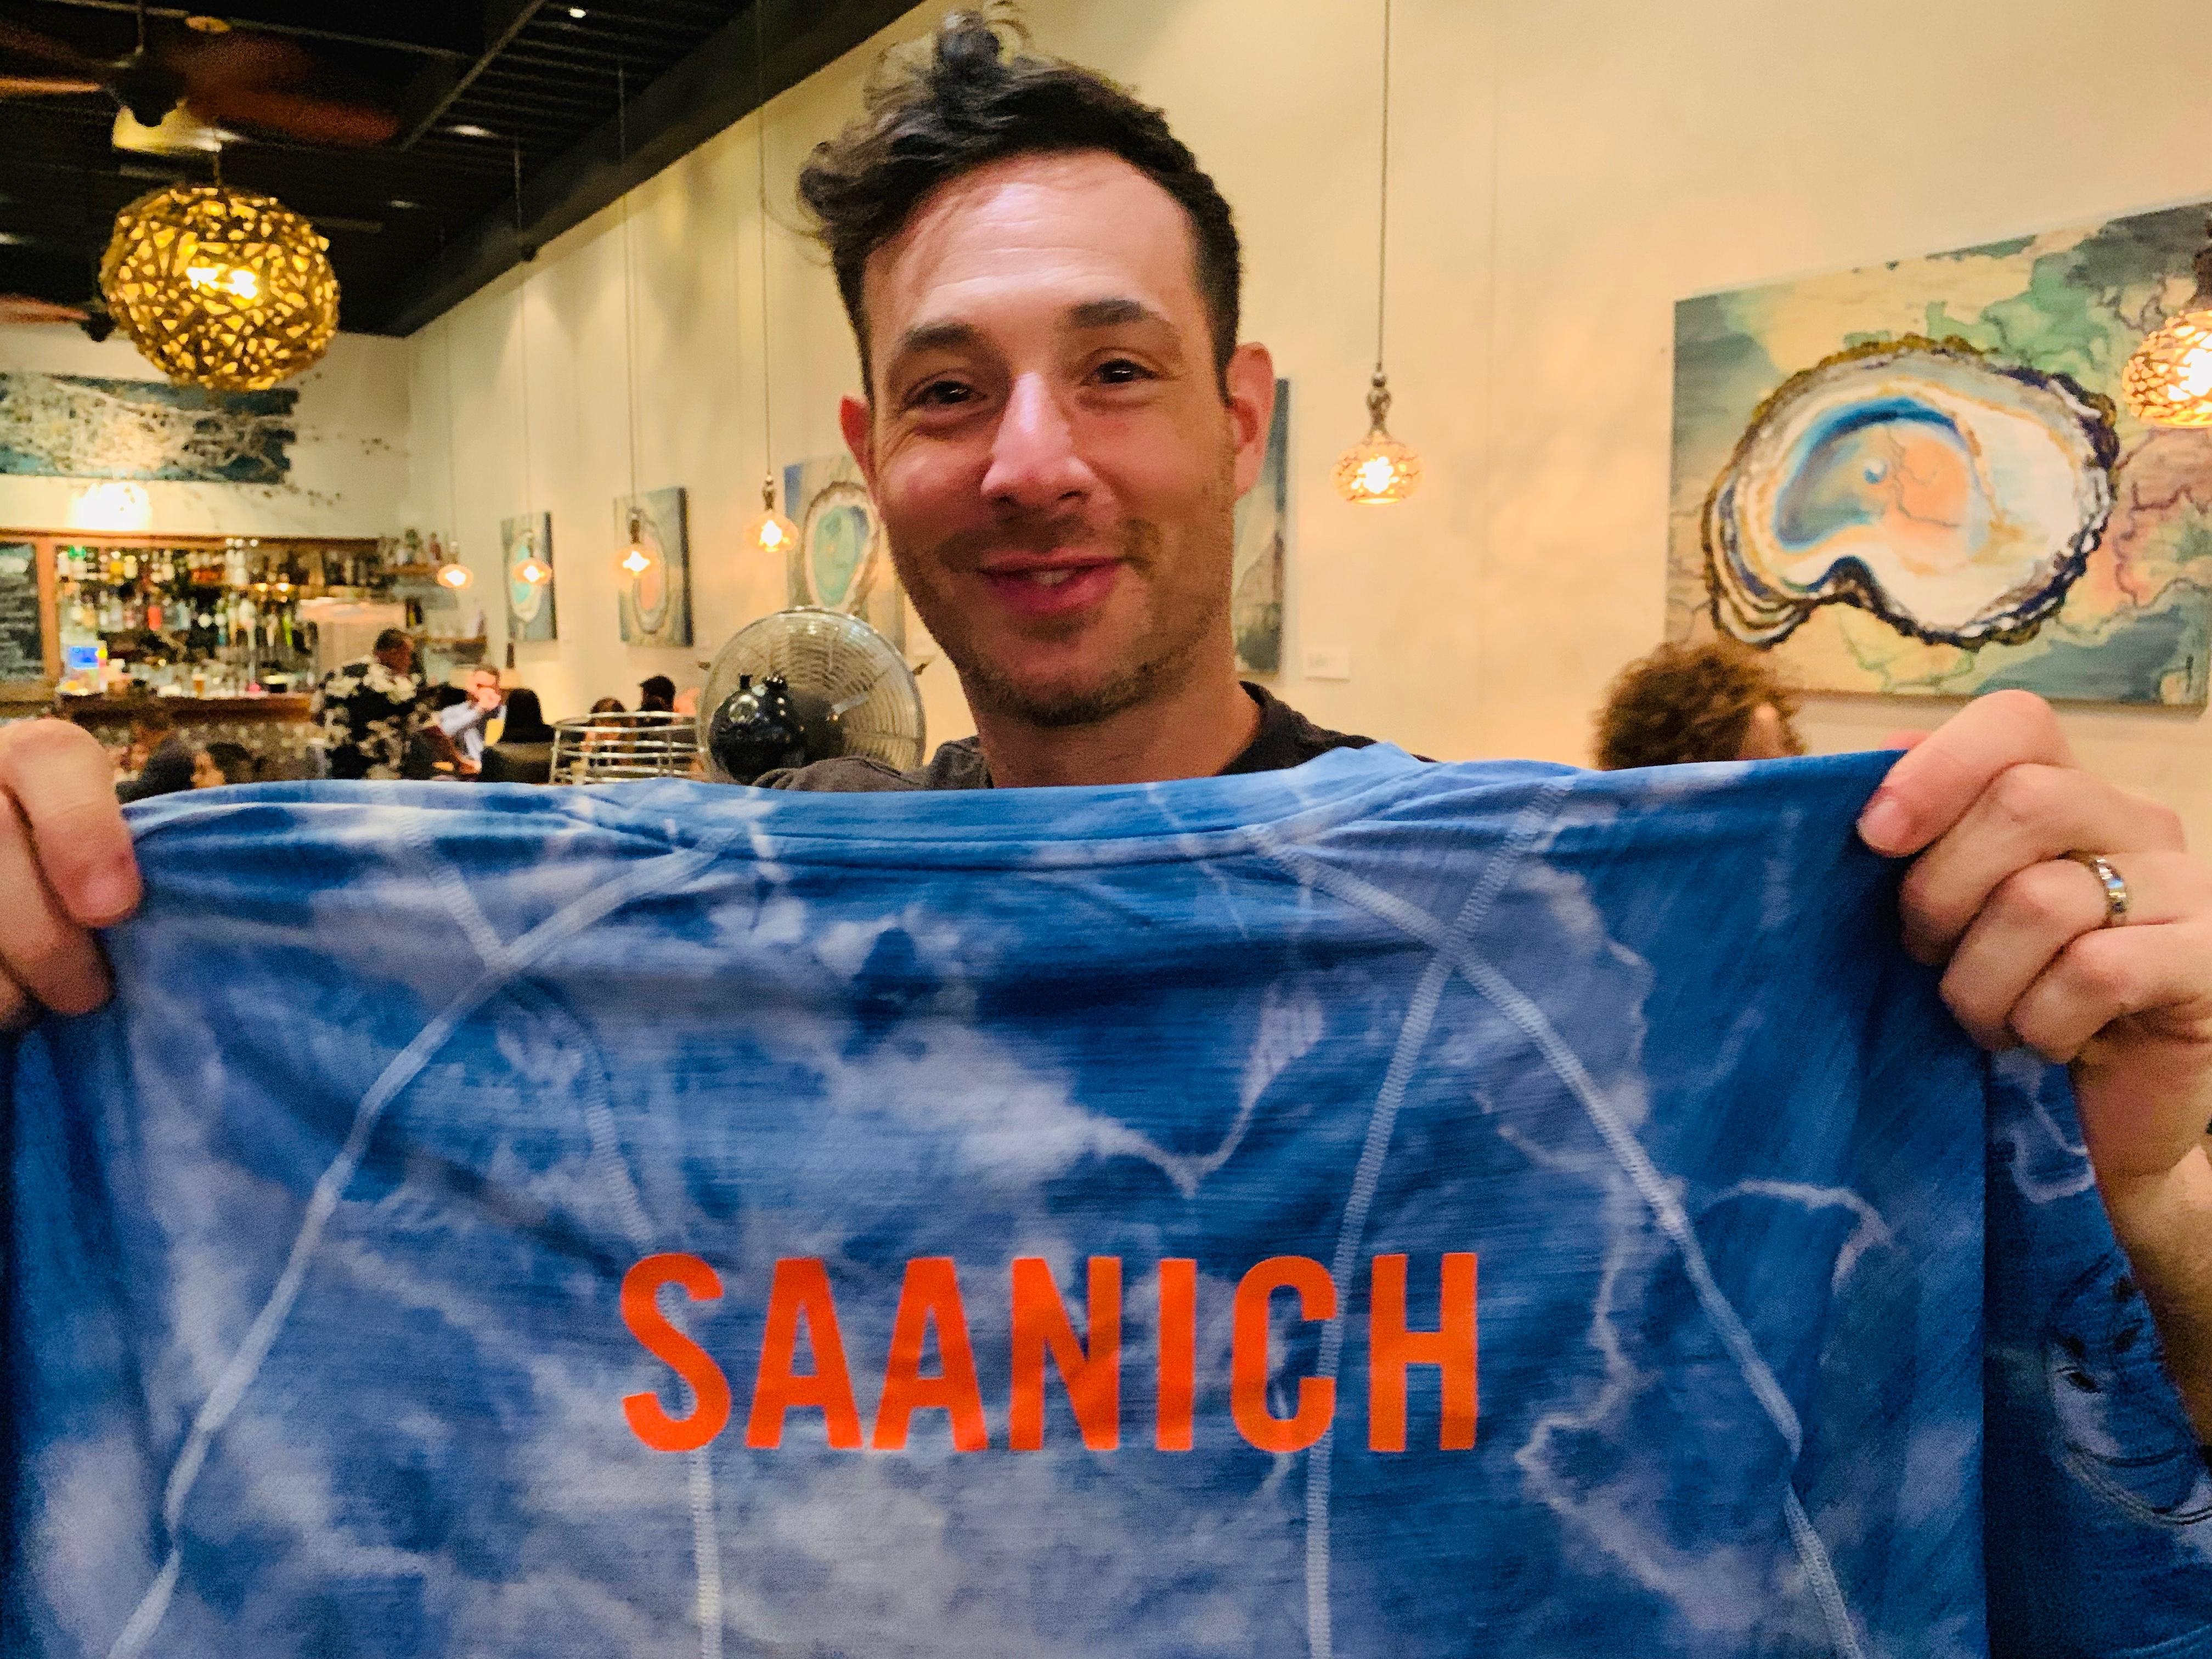 Owners-Dinner-LA-19-Scott-Draws-Saanich-IMG_6438